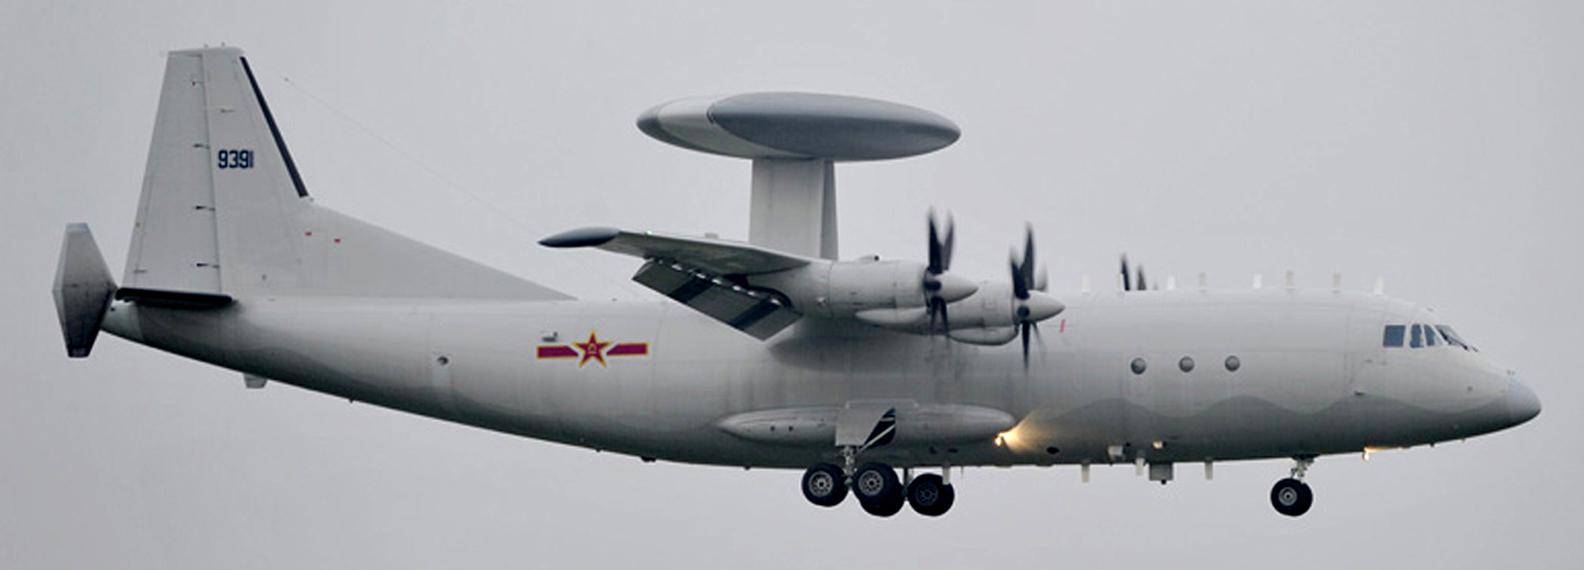 A nova geração de aviões chineses AEW&C ( Airborne Early Warning and Control System)